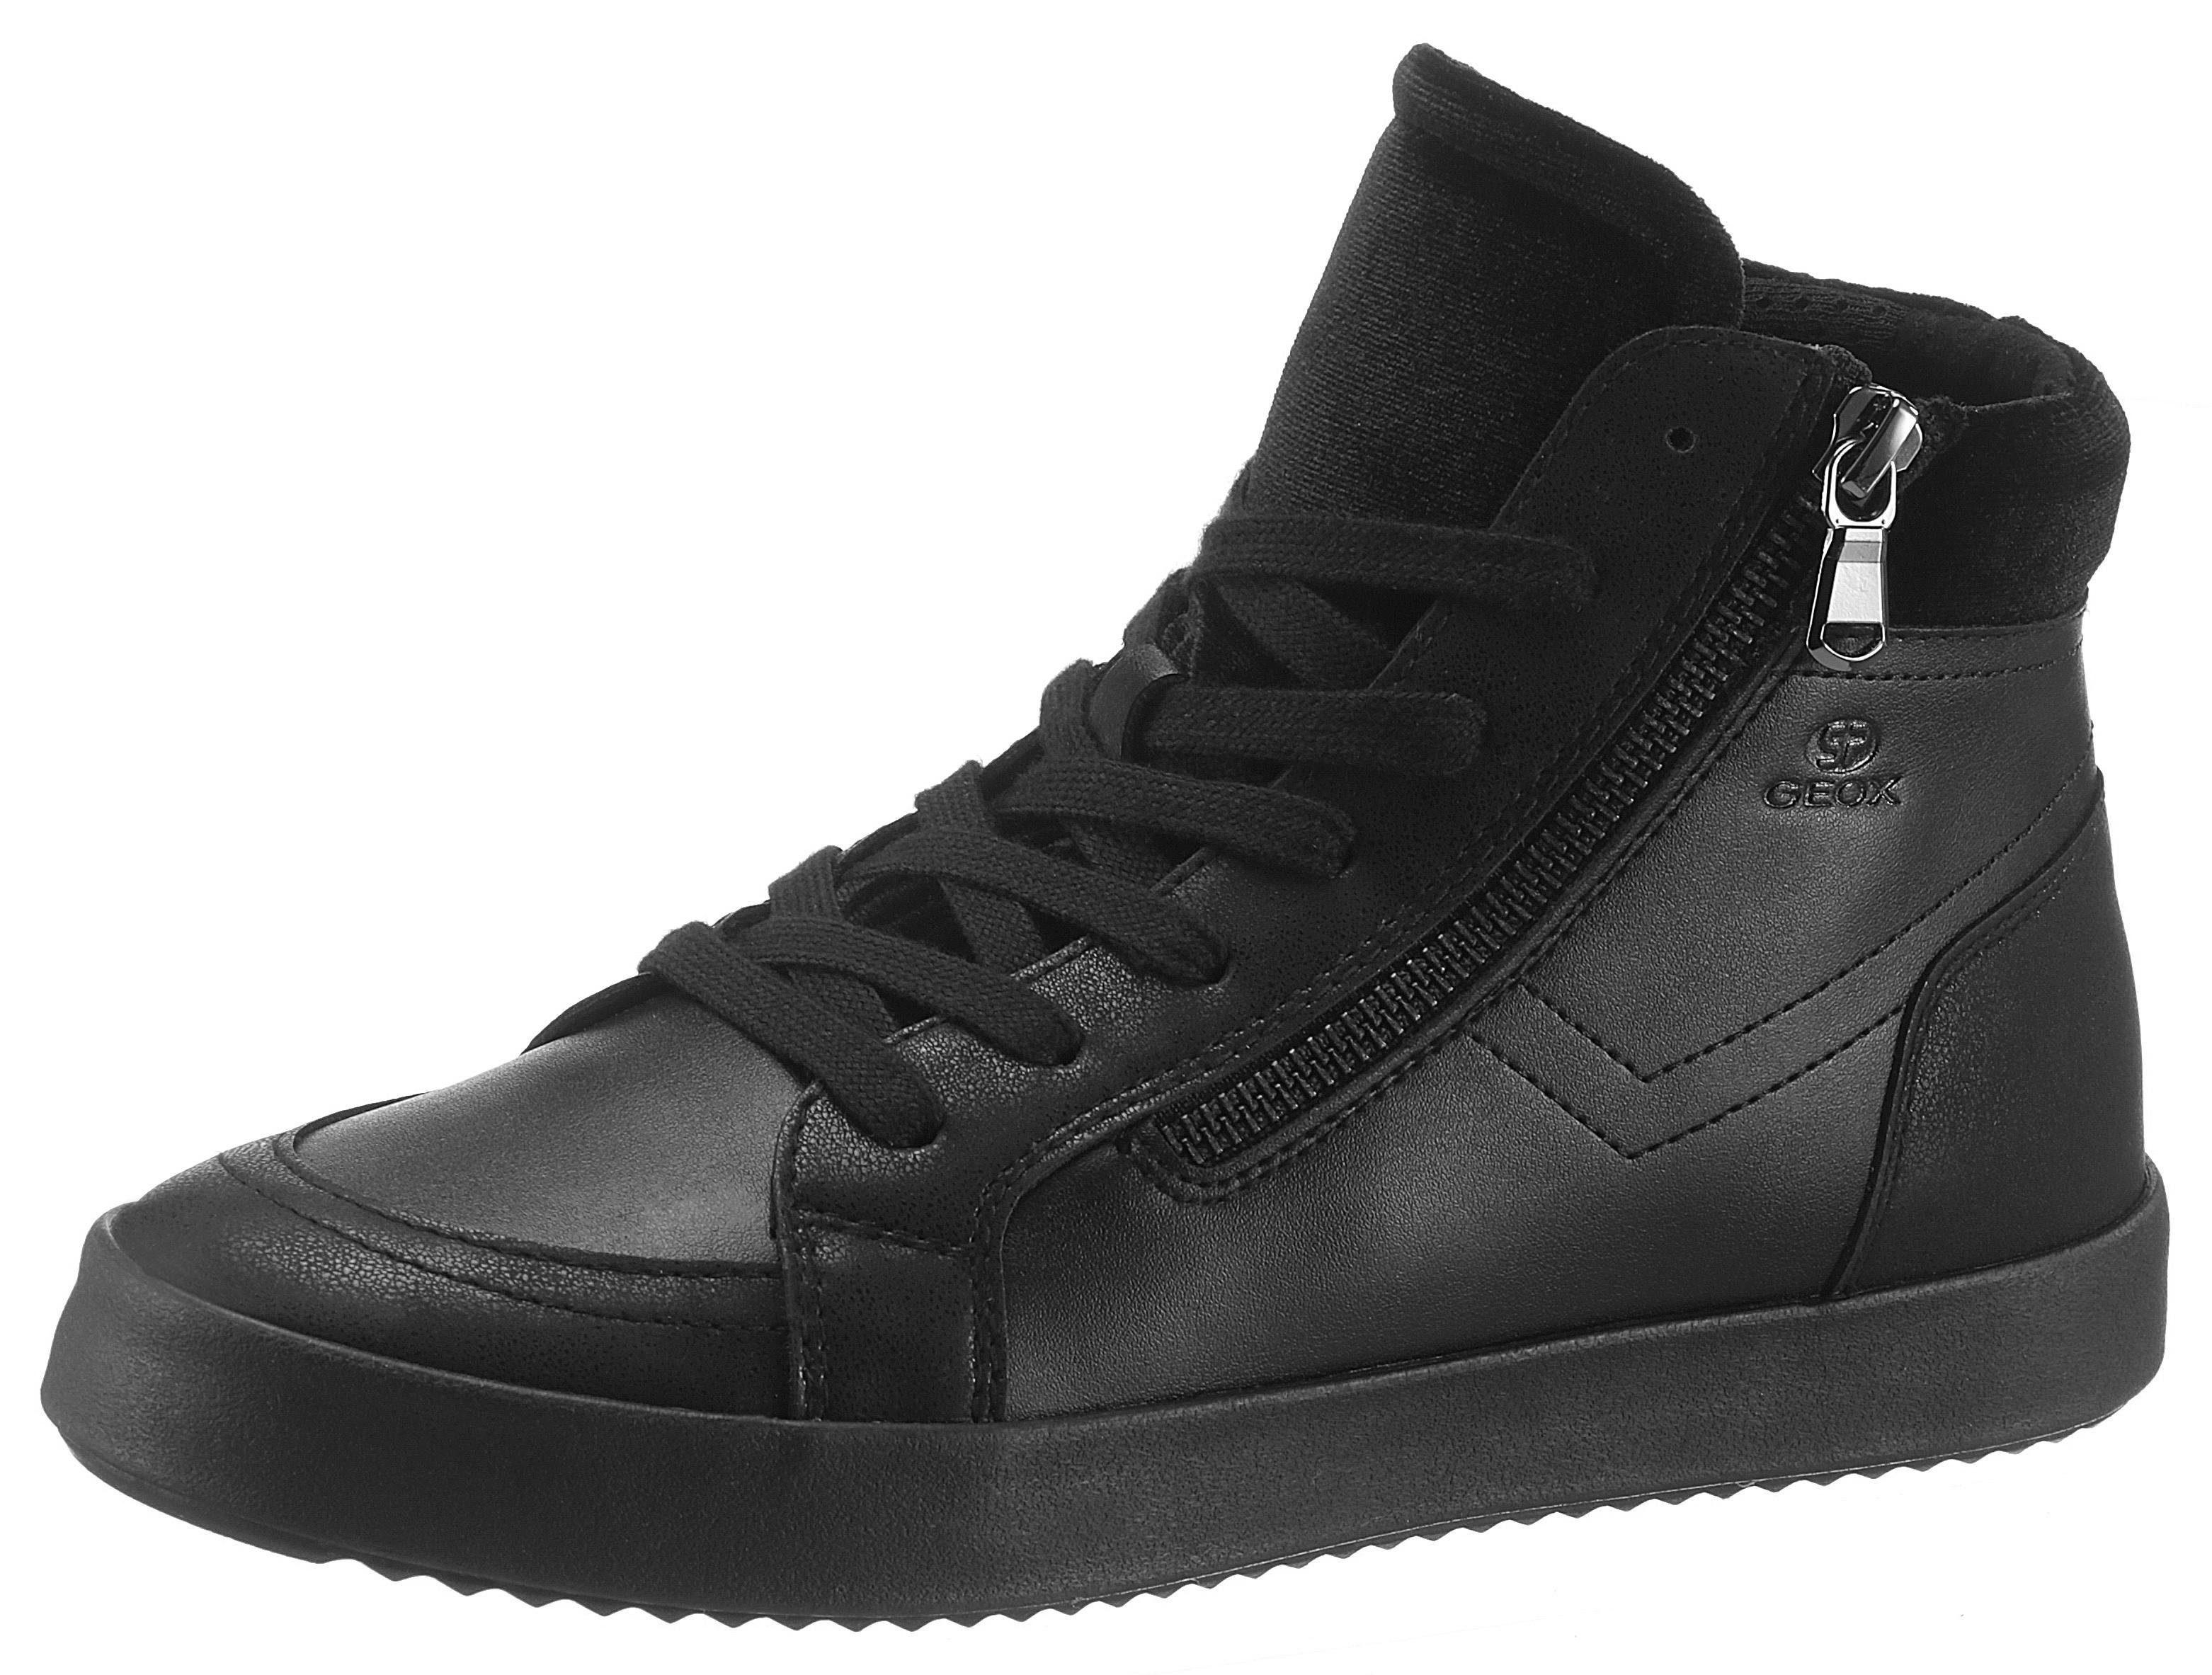 Geox Donna Blomiee Sneaker, mit Außen-Reißverschluss online kaufen  schwarz